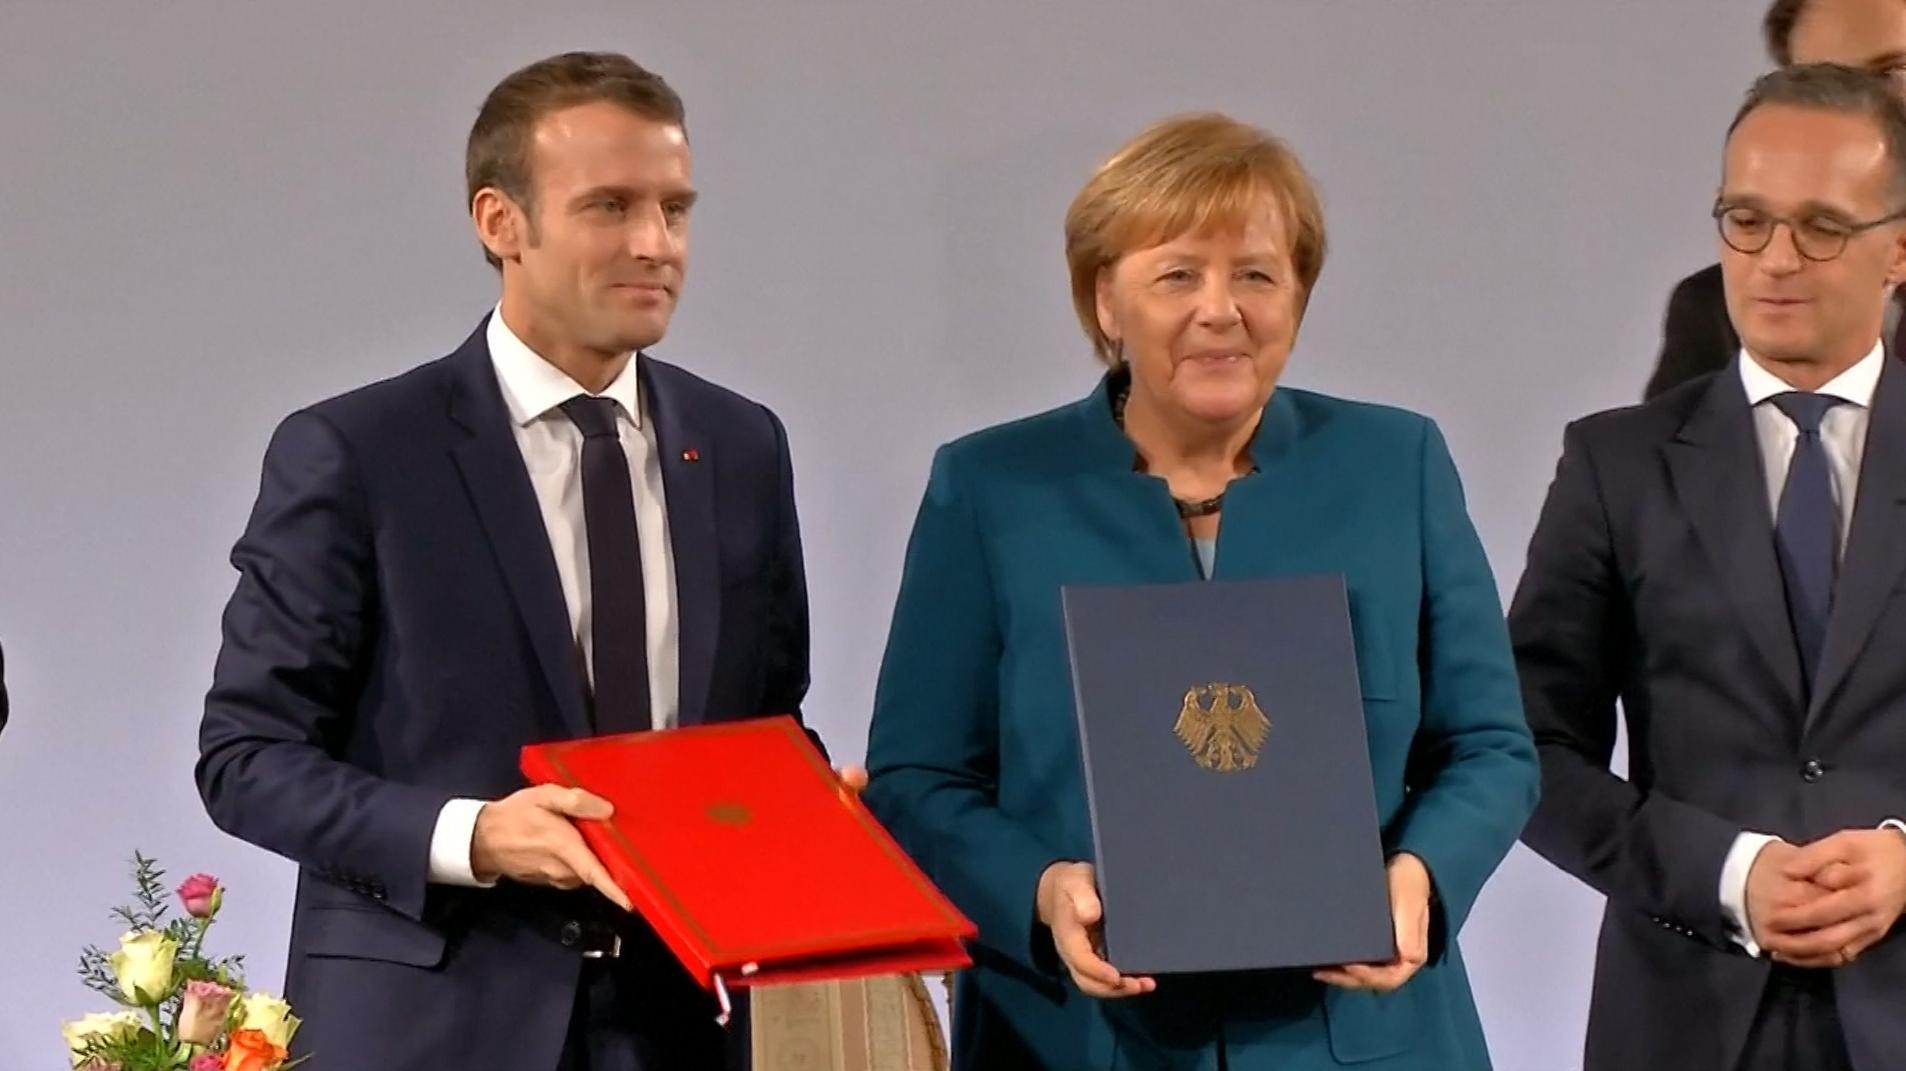 Kanzlerin Merkel und Frankreichs Präsident Macron haben einen neuen Pakt für die deutsch.französische Freundschaft besiegelt.